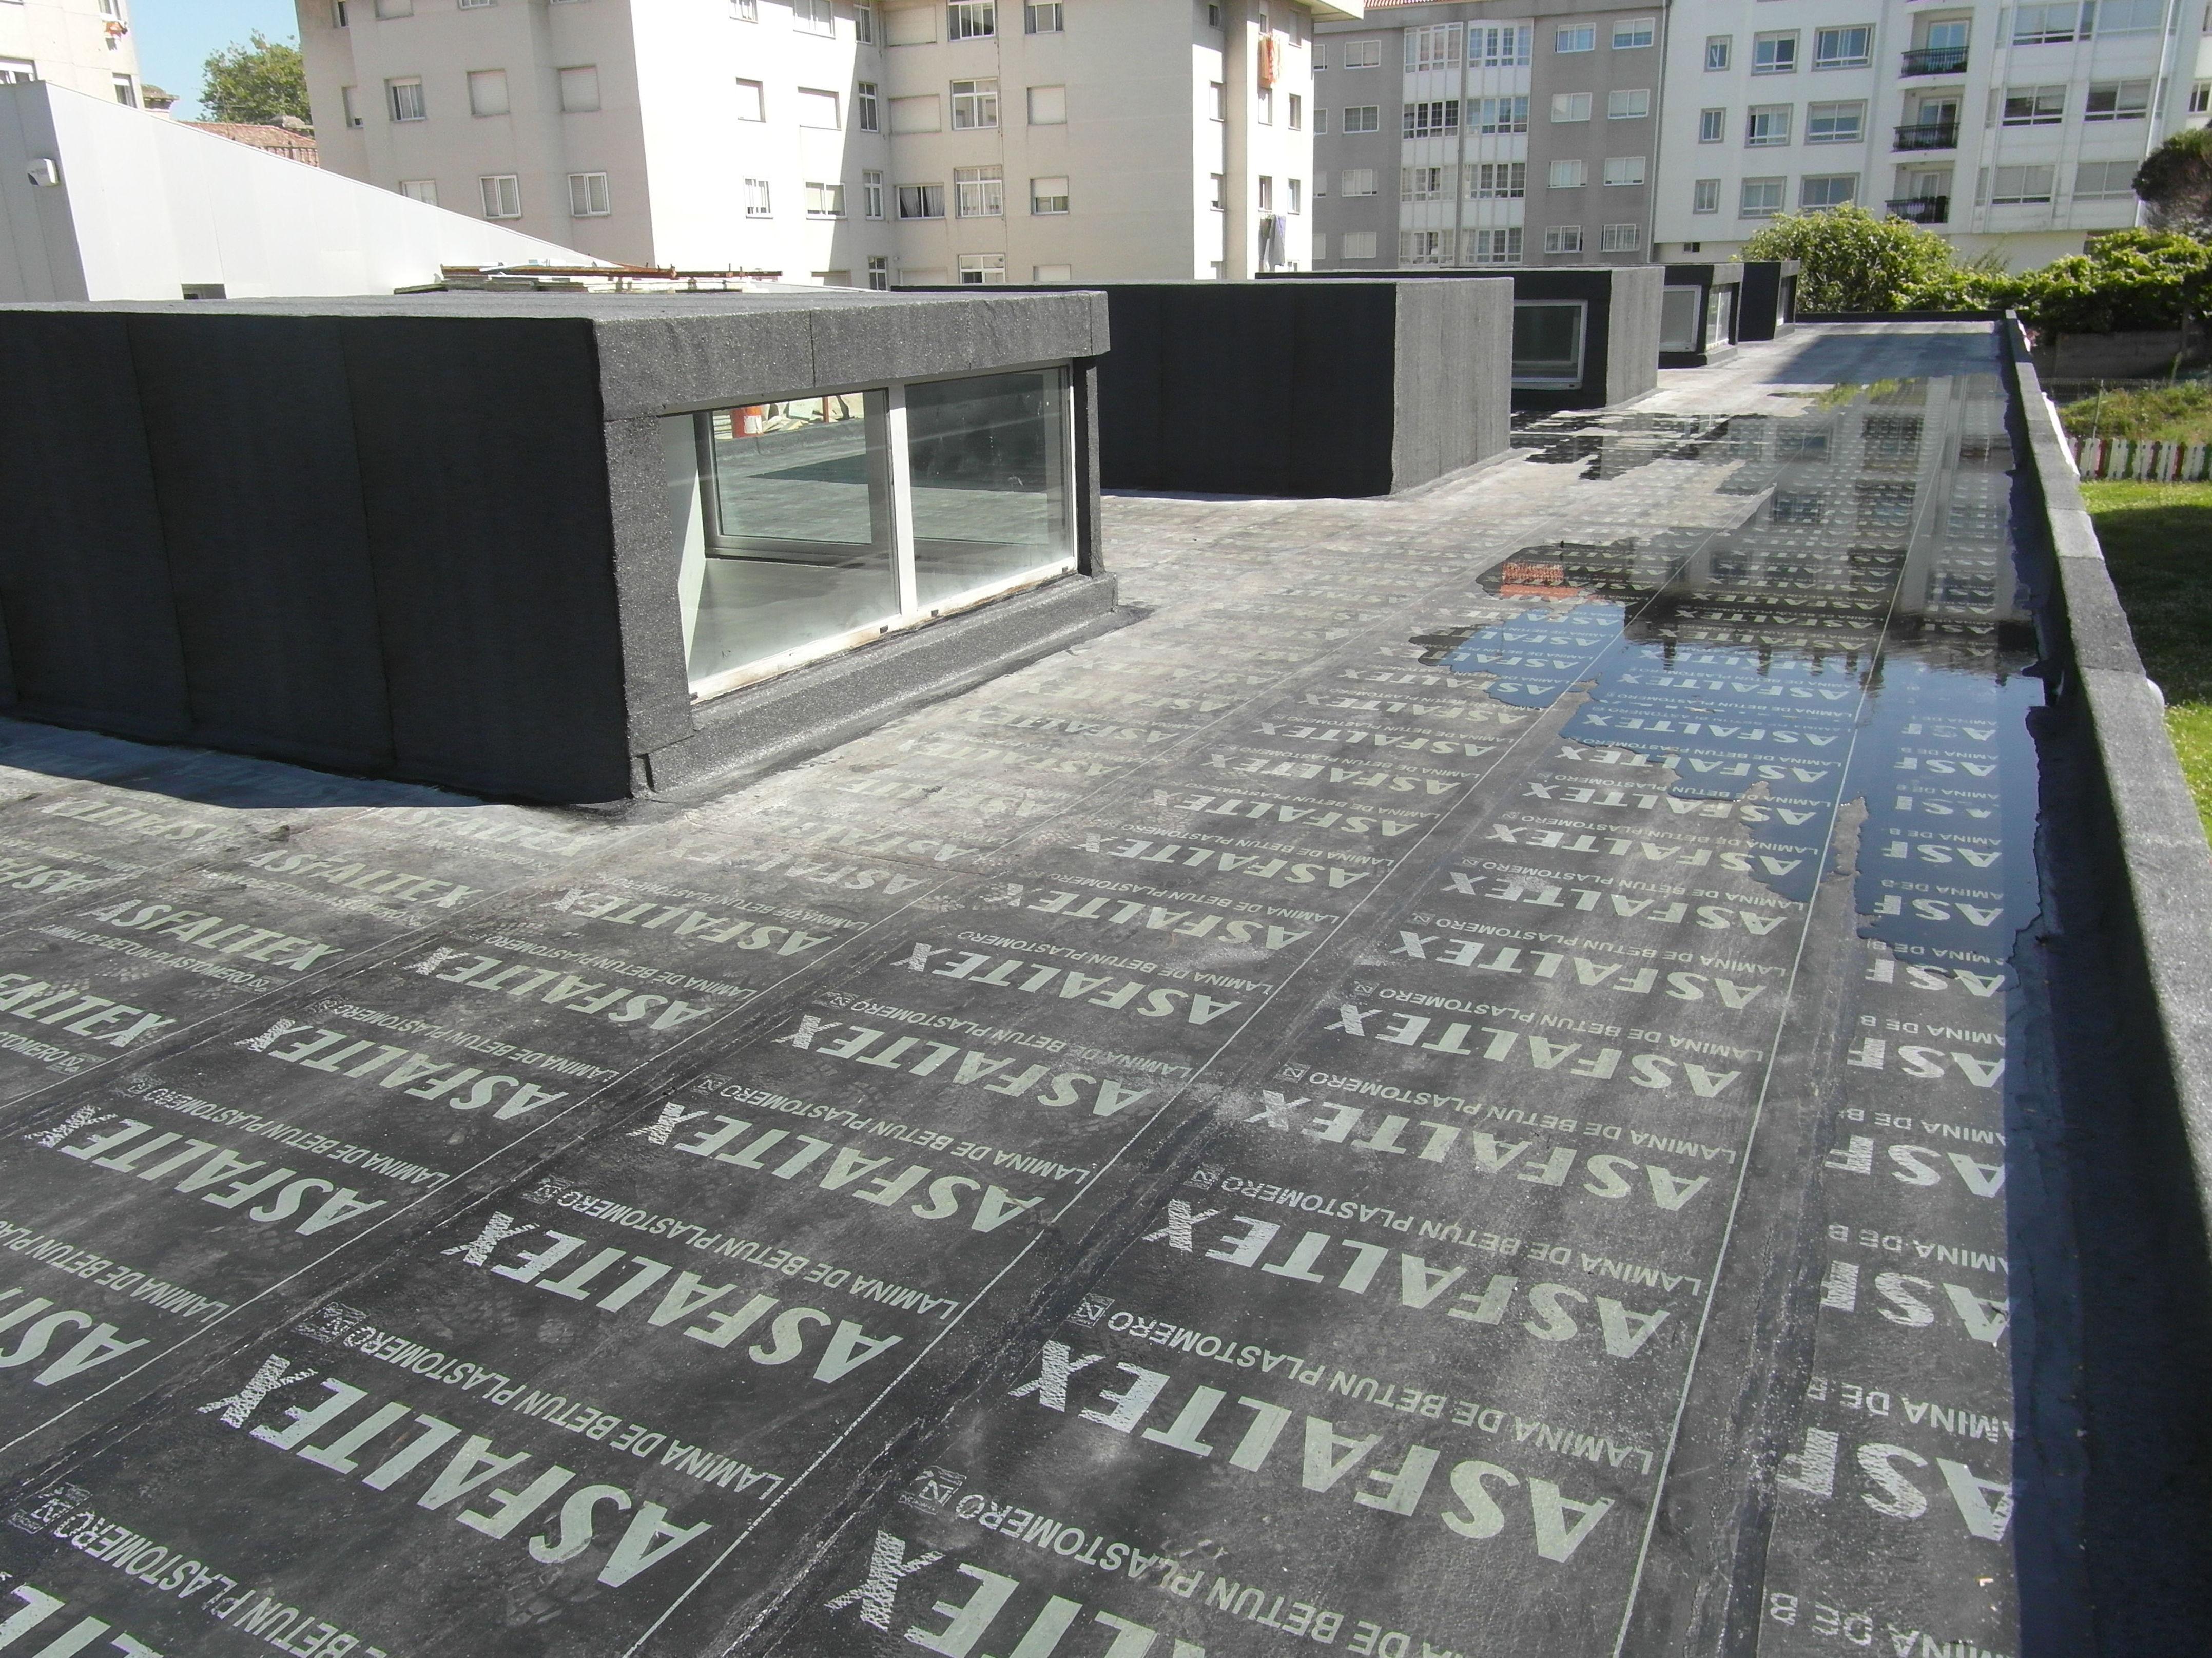 Foto 13 de Pavimentos industriales en Mos | Aplivilca